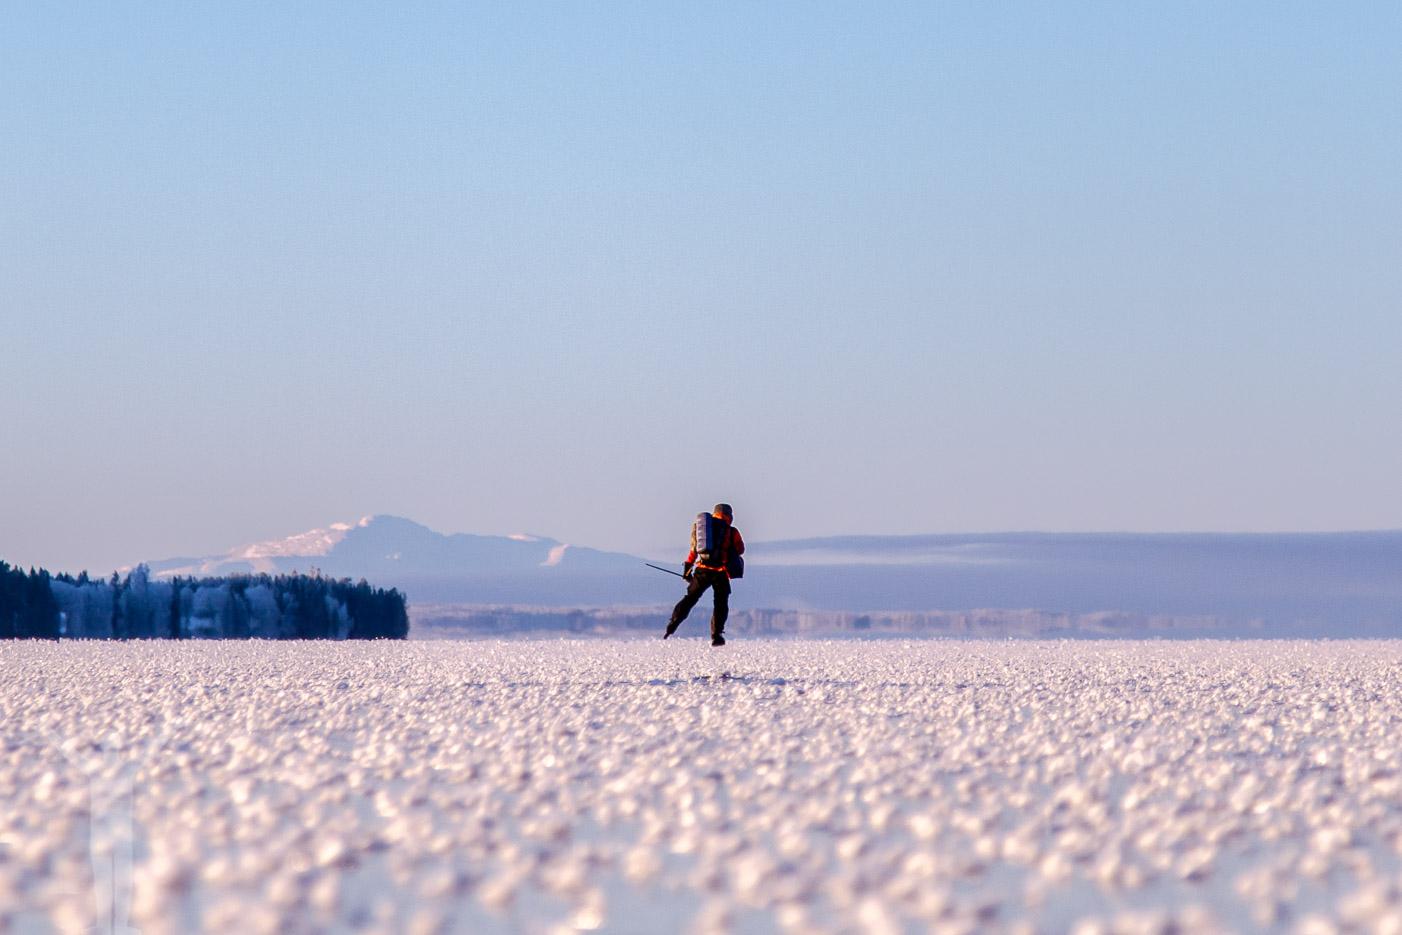 Långfärdsskridskor på Storsjön med Åreskutan i bakgrunden